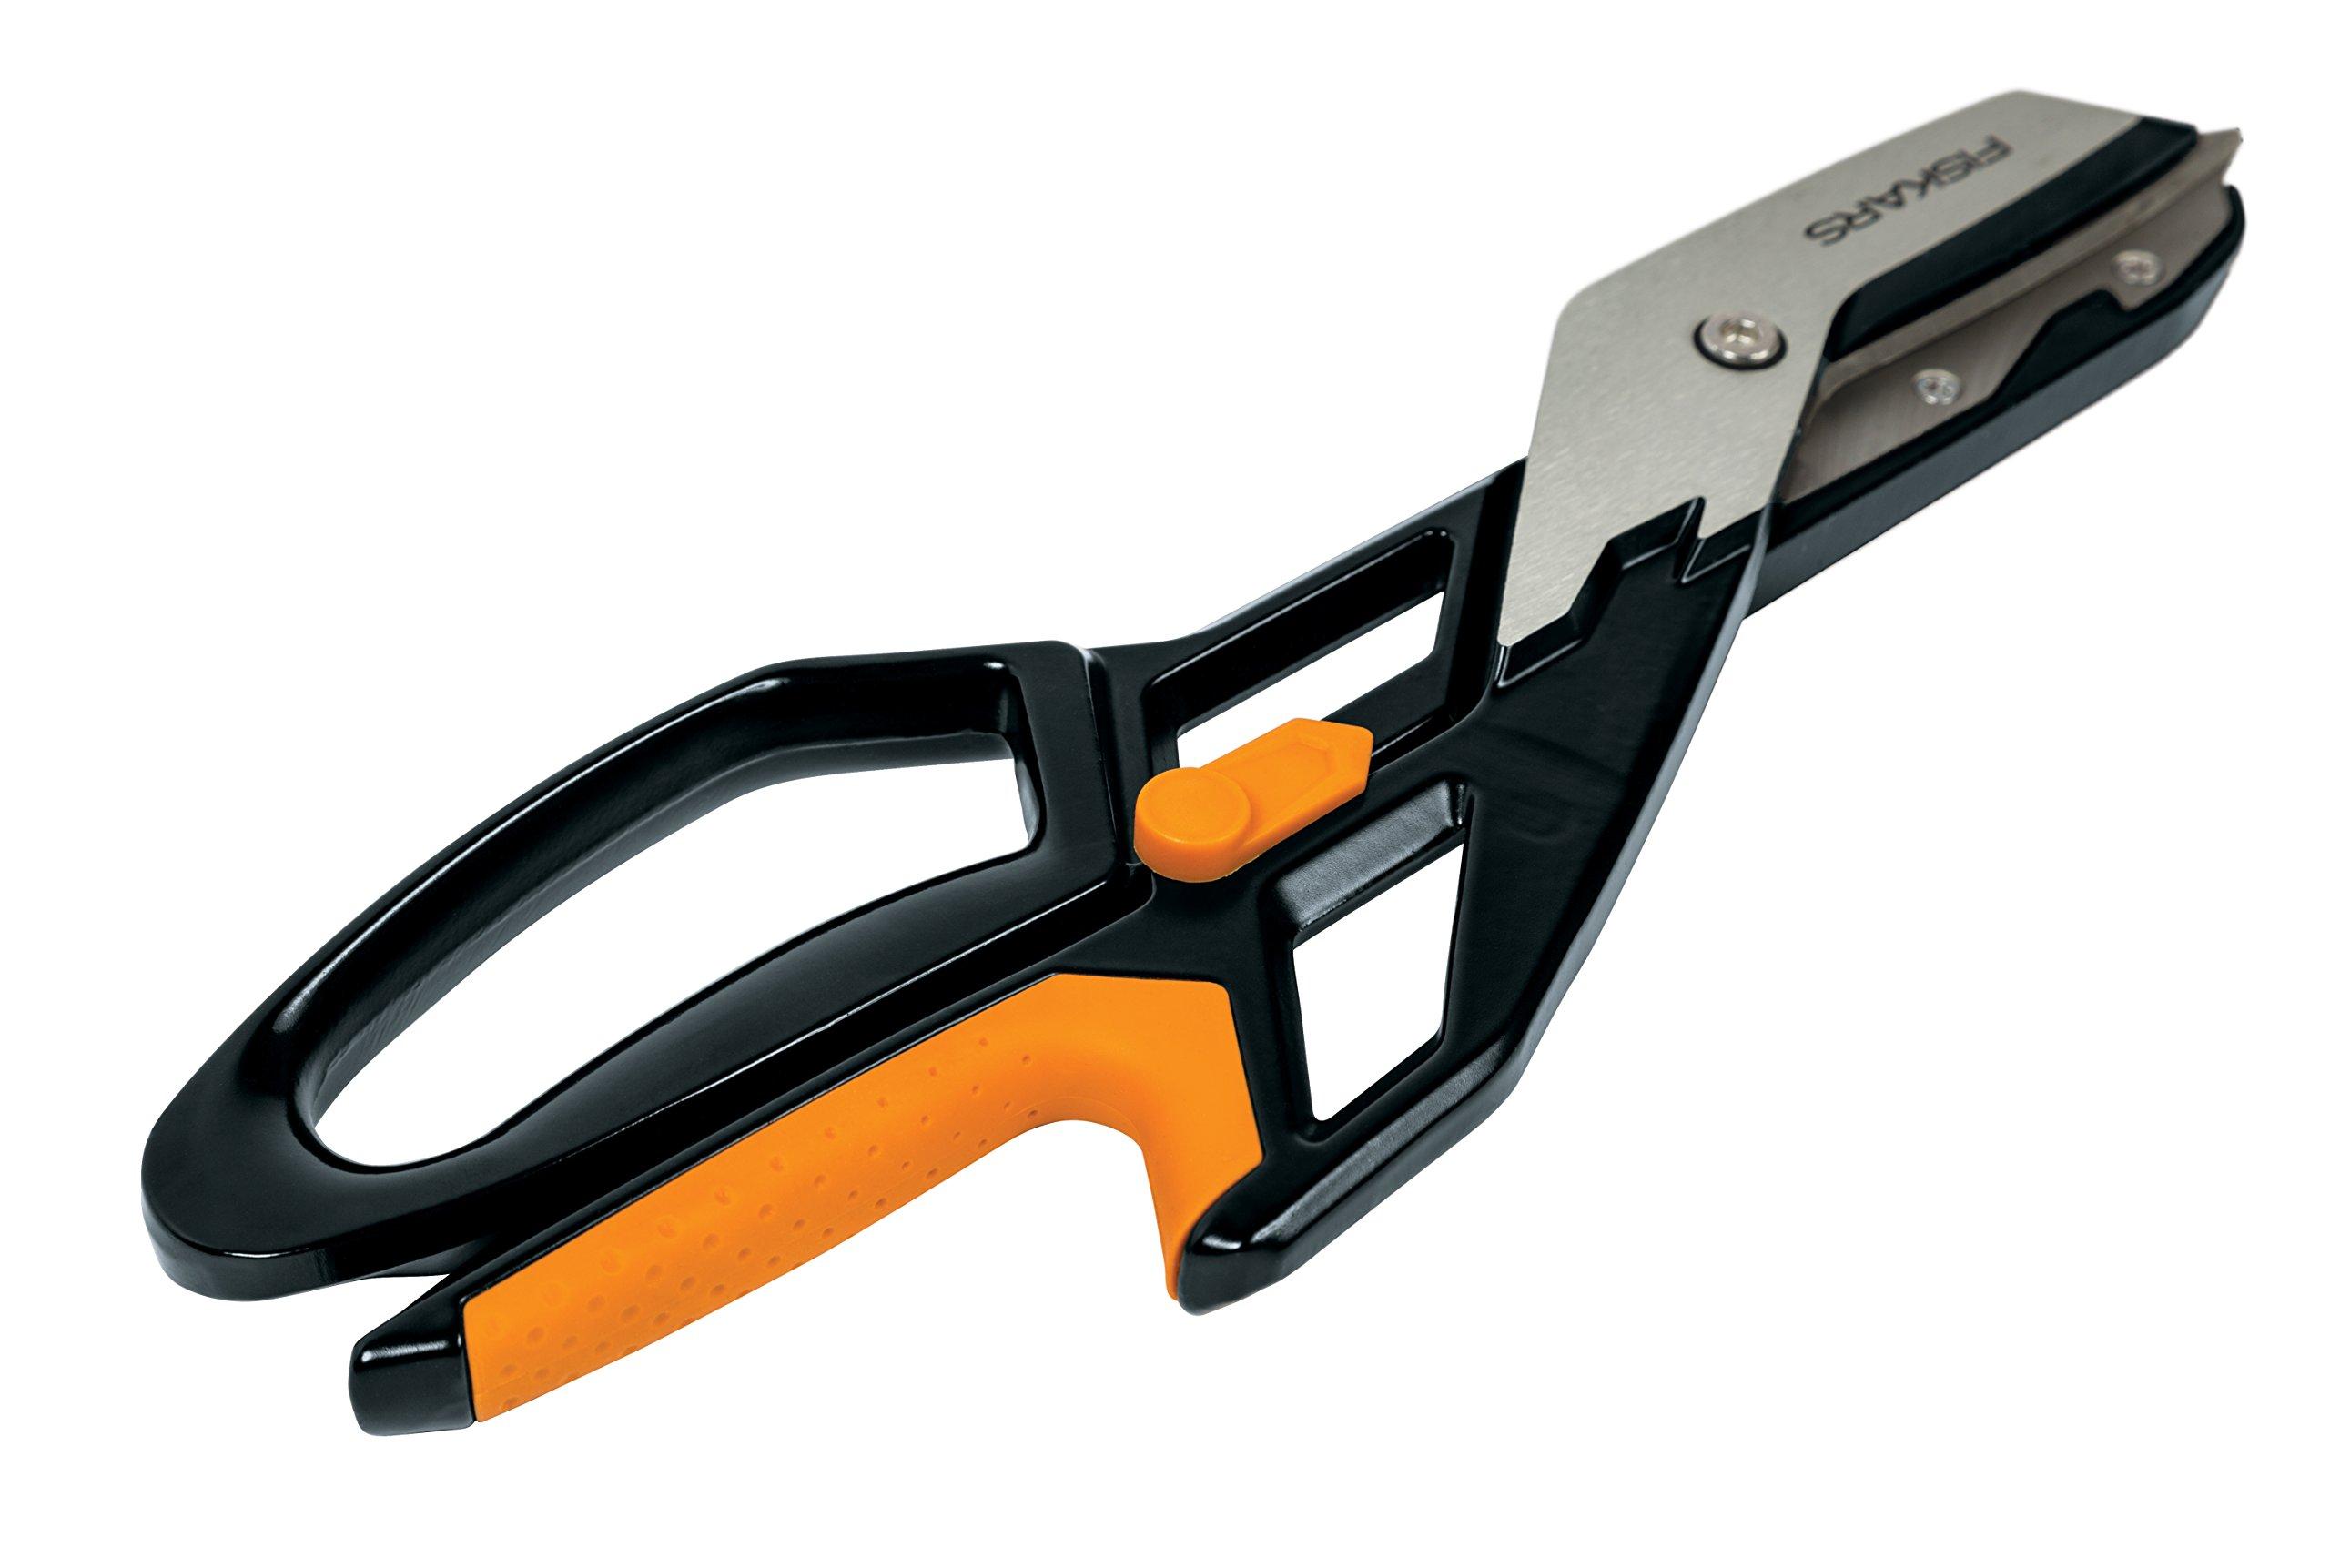 Fiskar PowerArc Easy Action Aluminum Tin Snips (13 Inch)